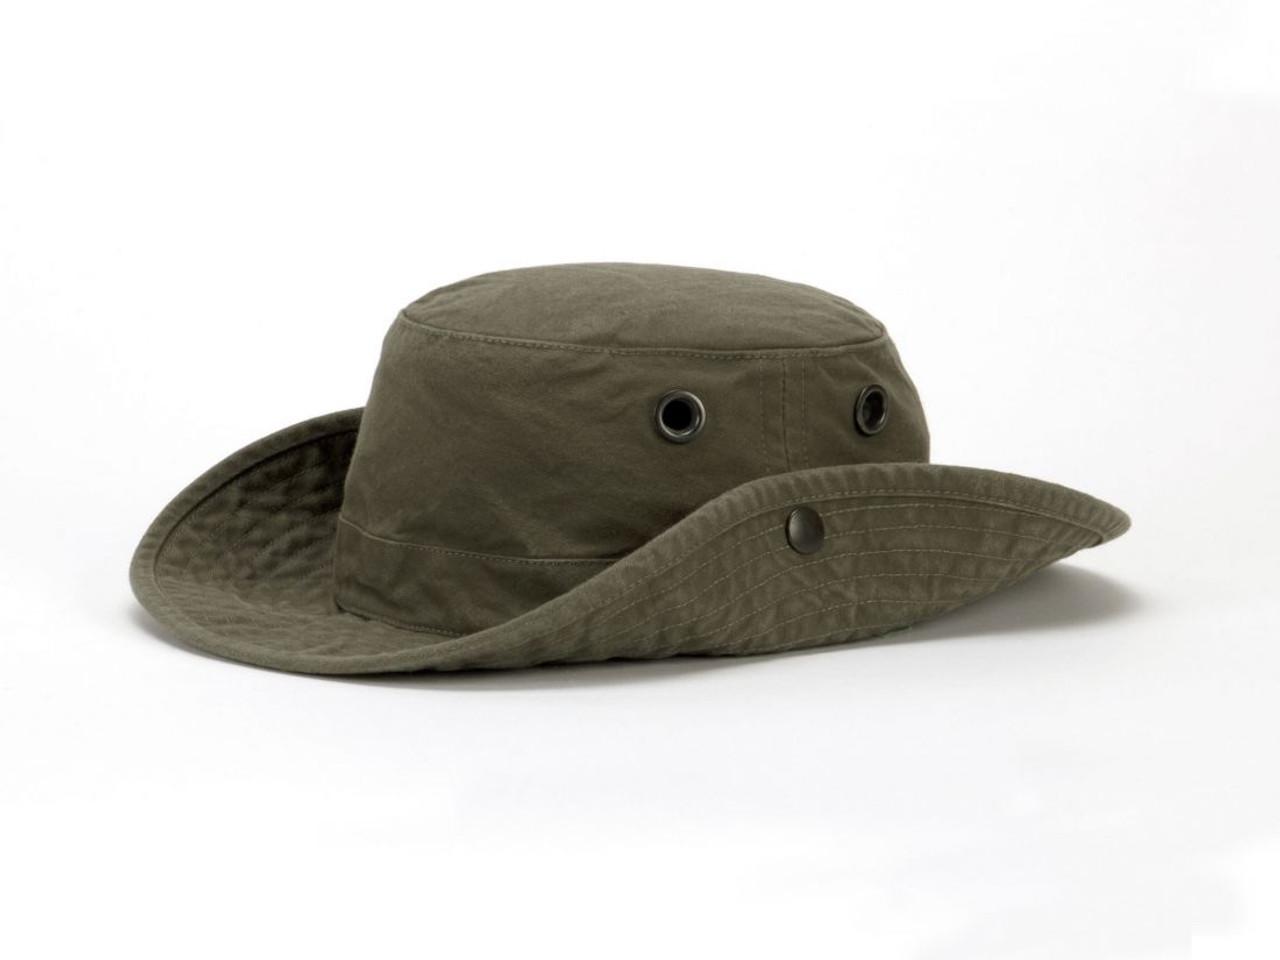 d4b416f0100 Tilley T3 Wanderer Hat - Herbert s Boots and Western Wear